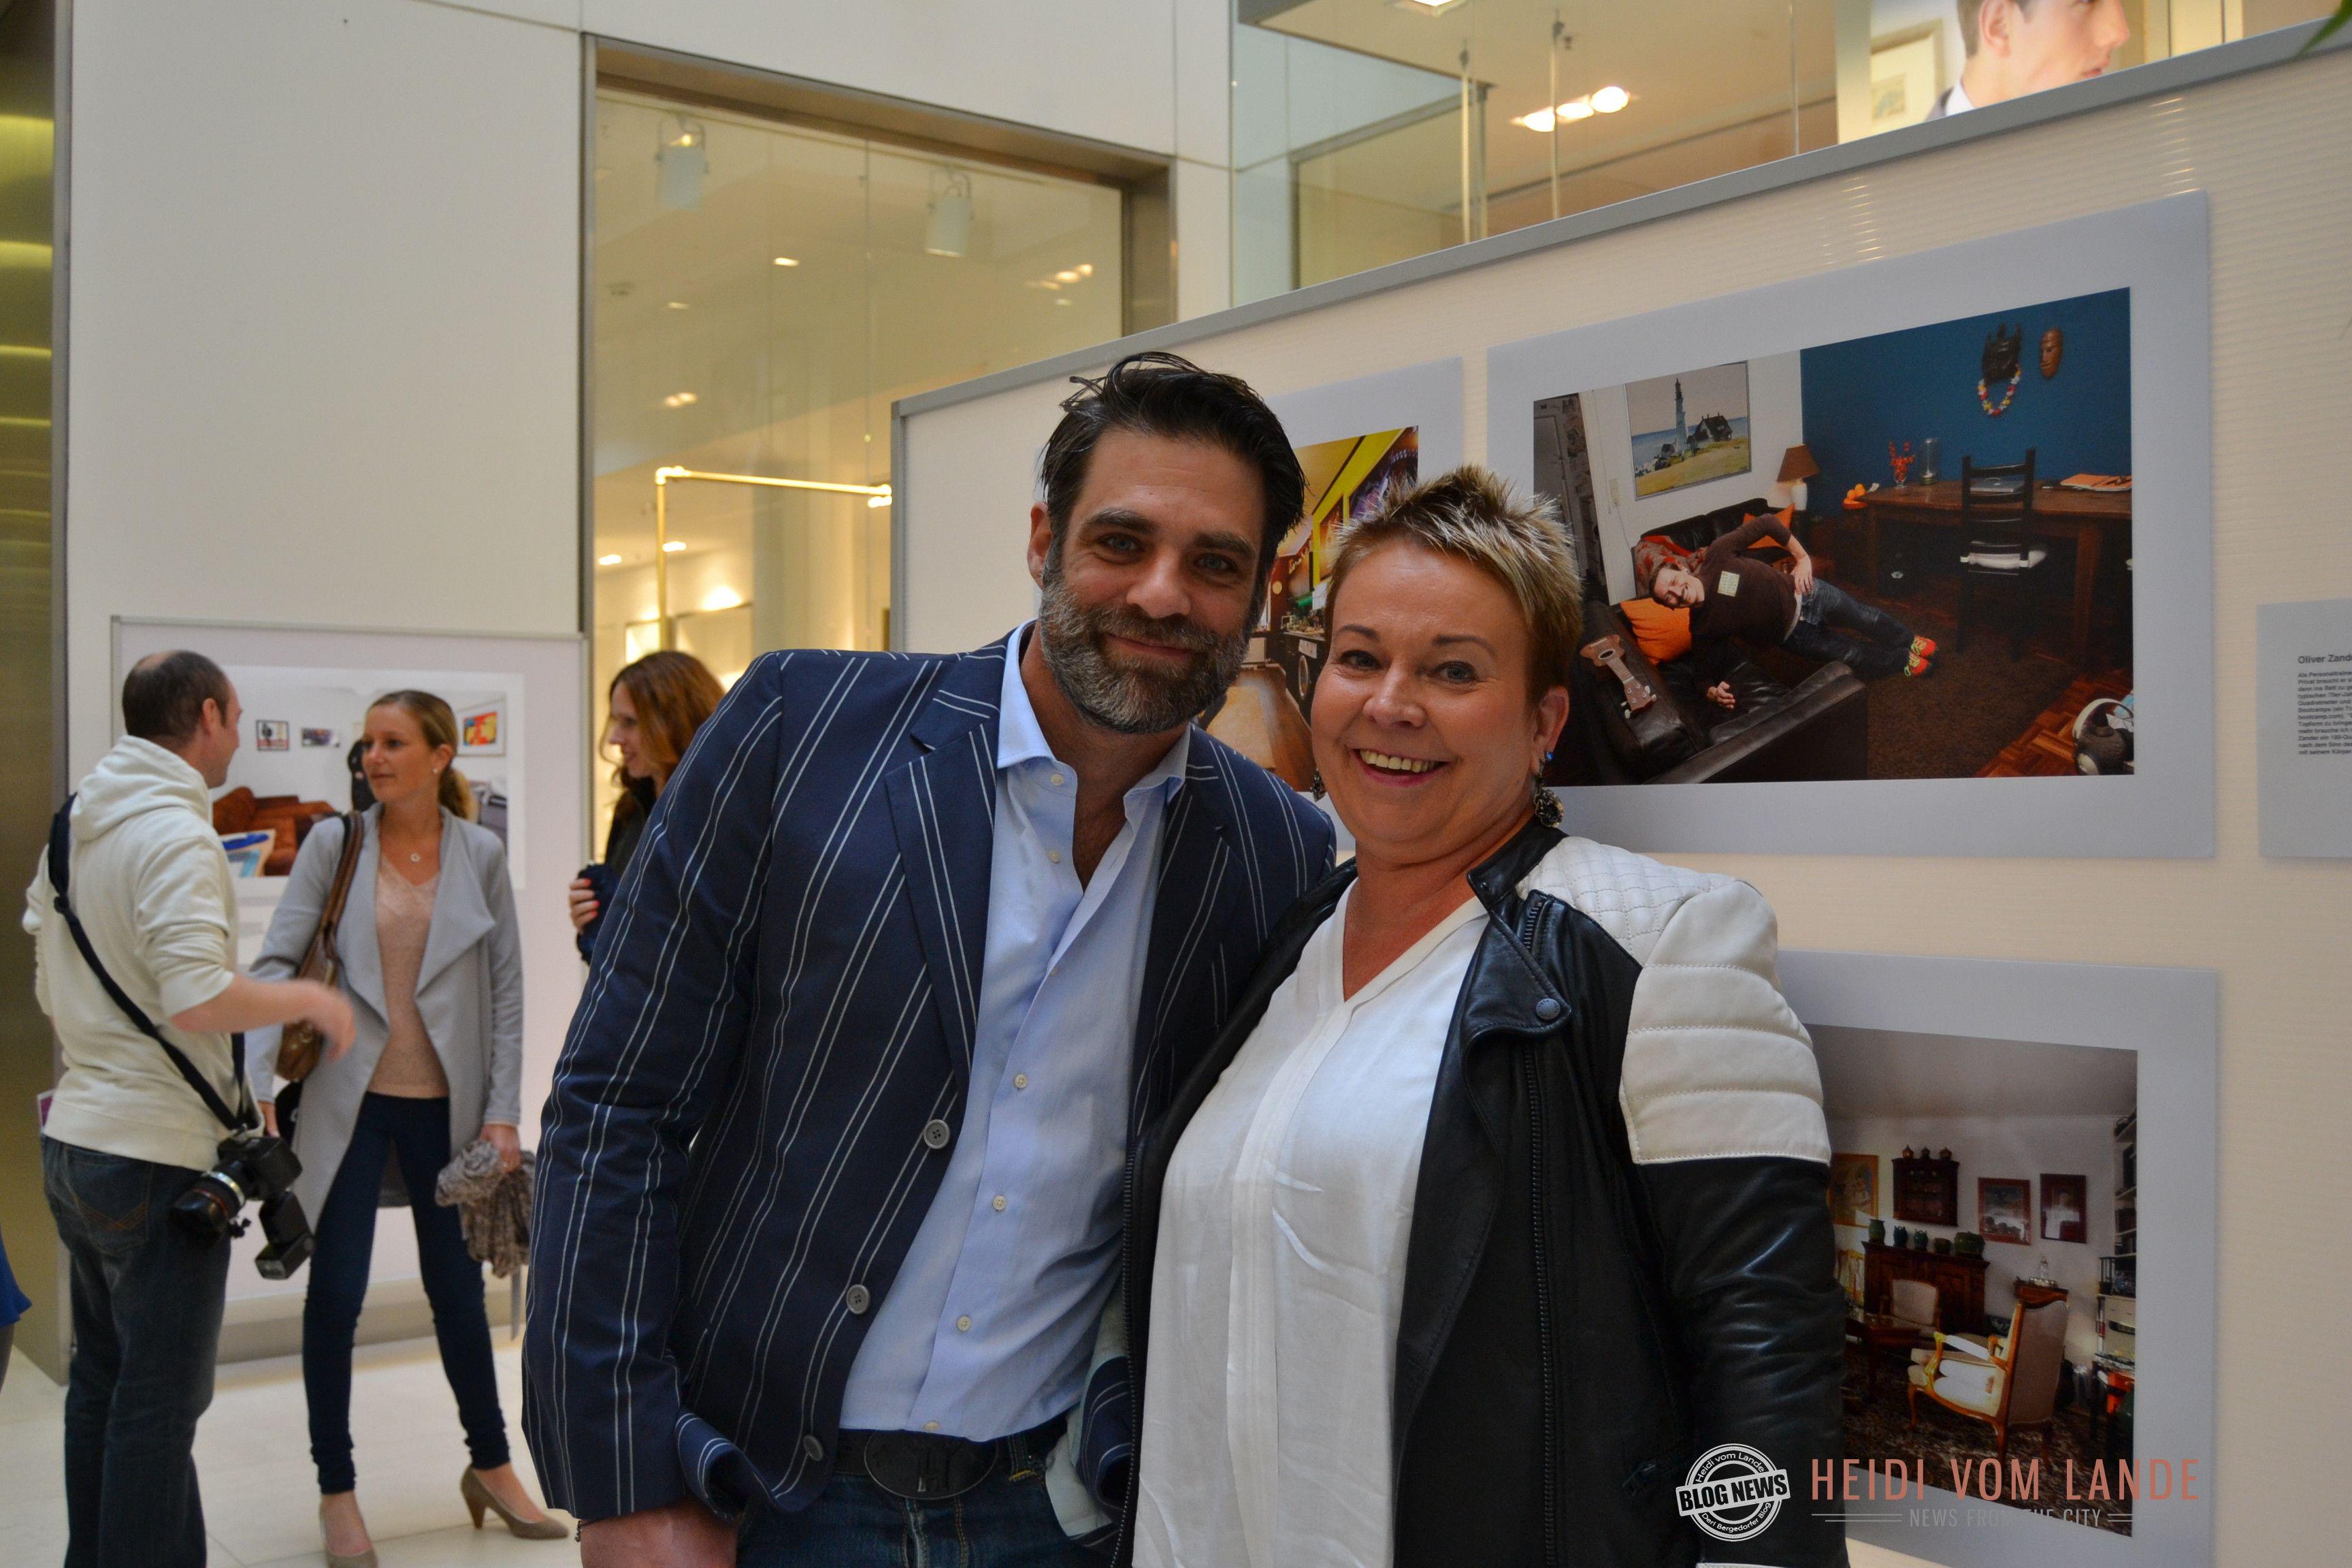 Bloggerin Heidi Vom Lande Mit Carsten Spengemann Hamburg Mopo Ausstellung Hamburger Und